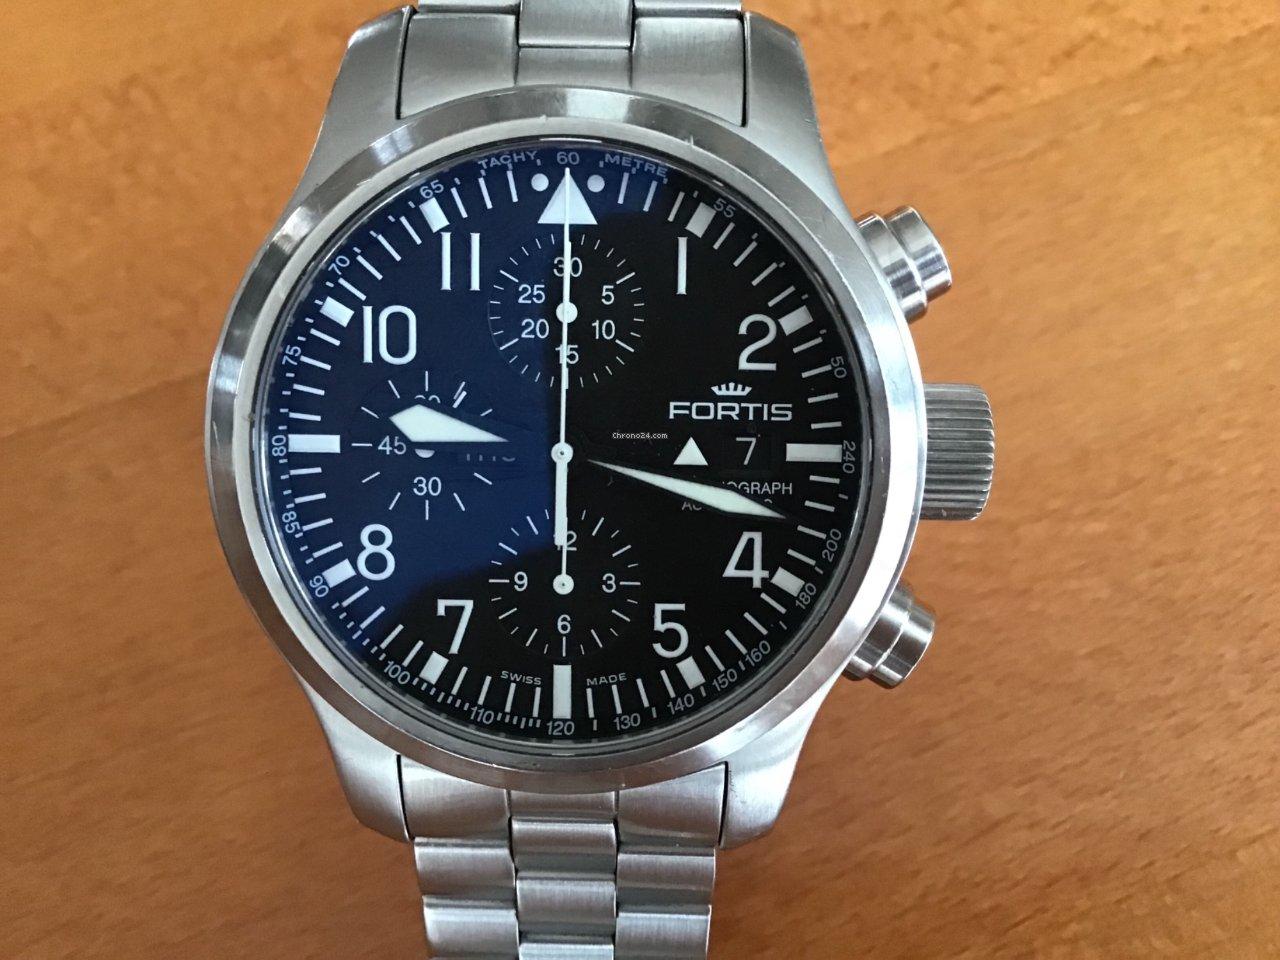 02a164233 Koupě hodinek Fortis | Porovnání hodinek Fortis online - luxusní hodinky na  Chrono24